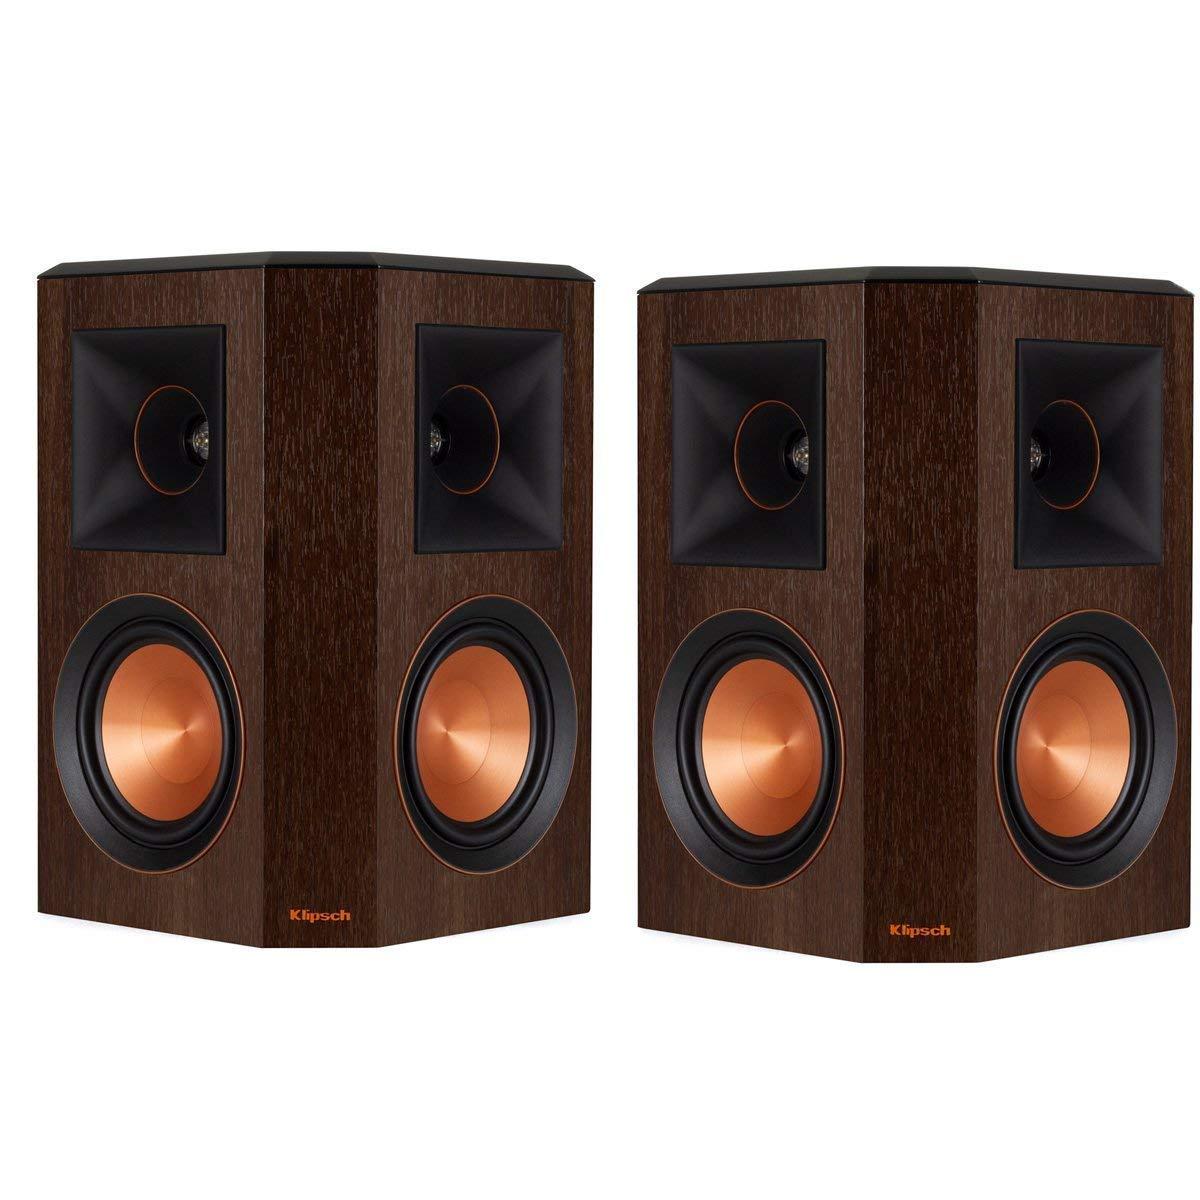 Klipsch RP-502S Reference Premiere Surround Speakers - Pair (Walnut) (Renewed)